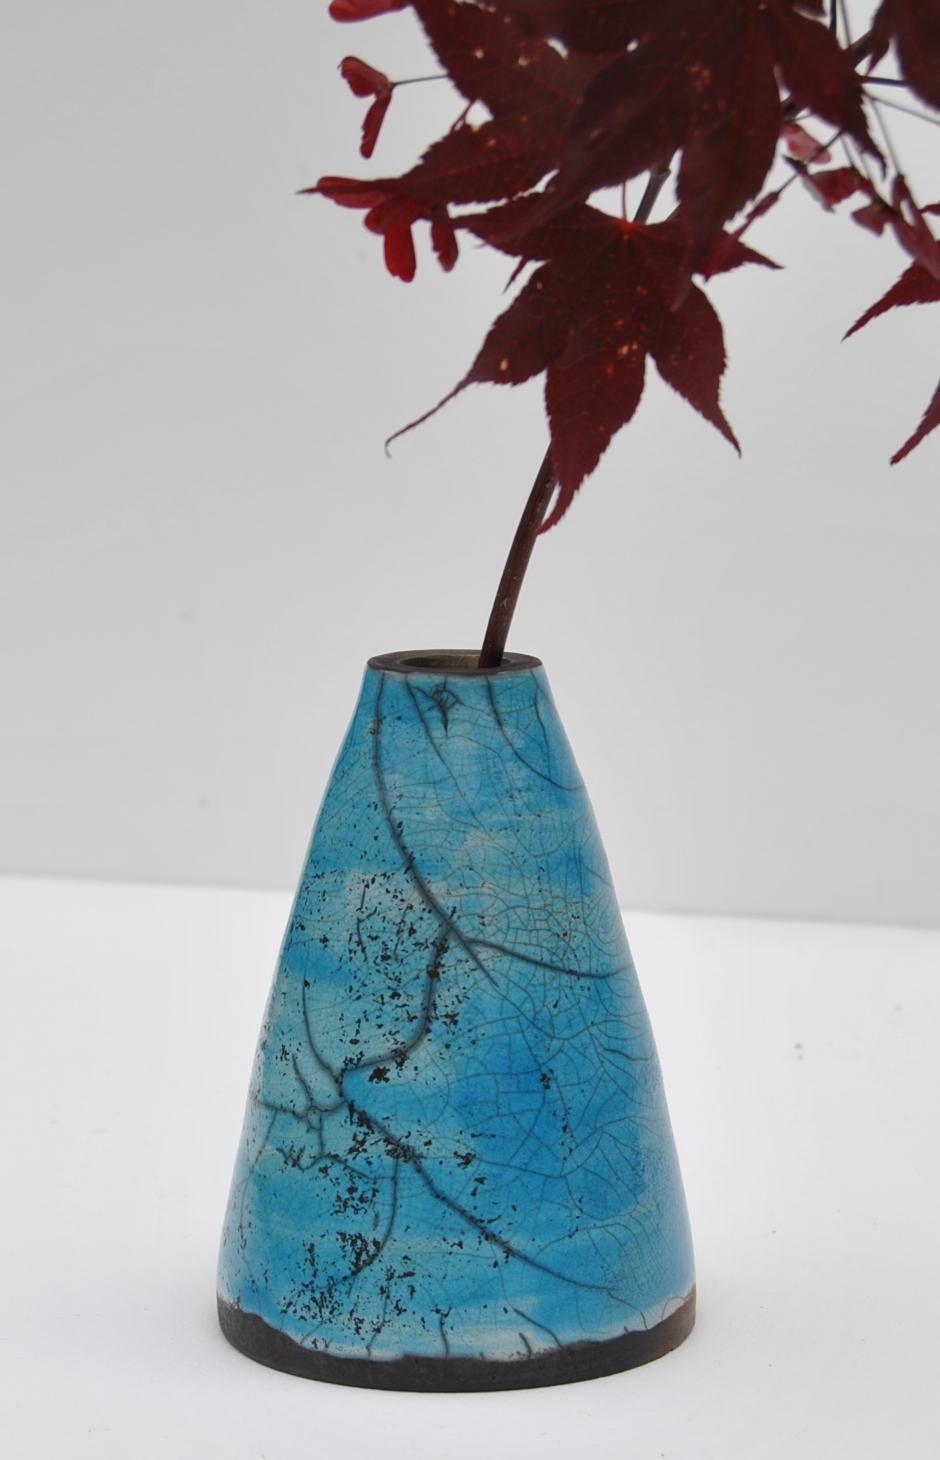 Raku Vessel - Maple Leaf